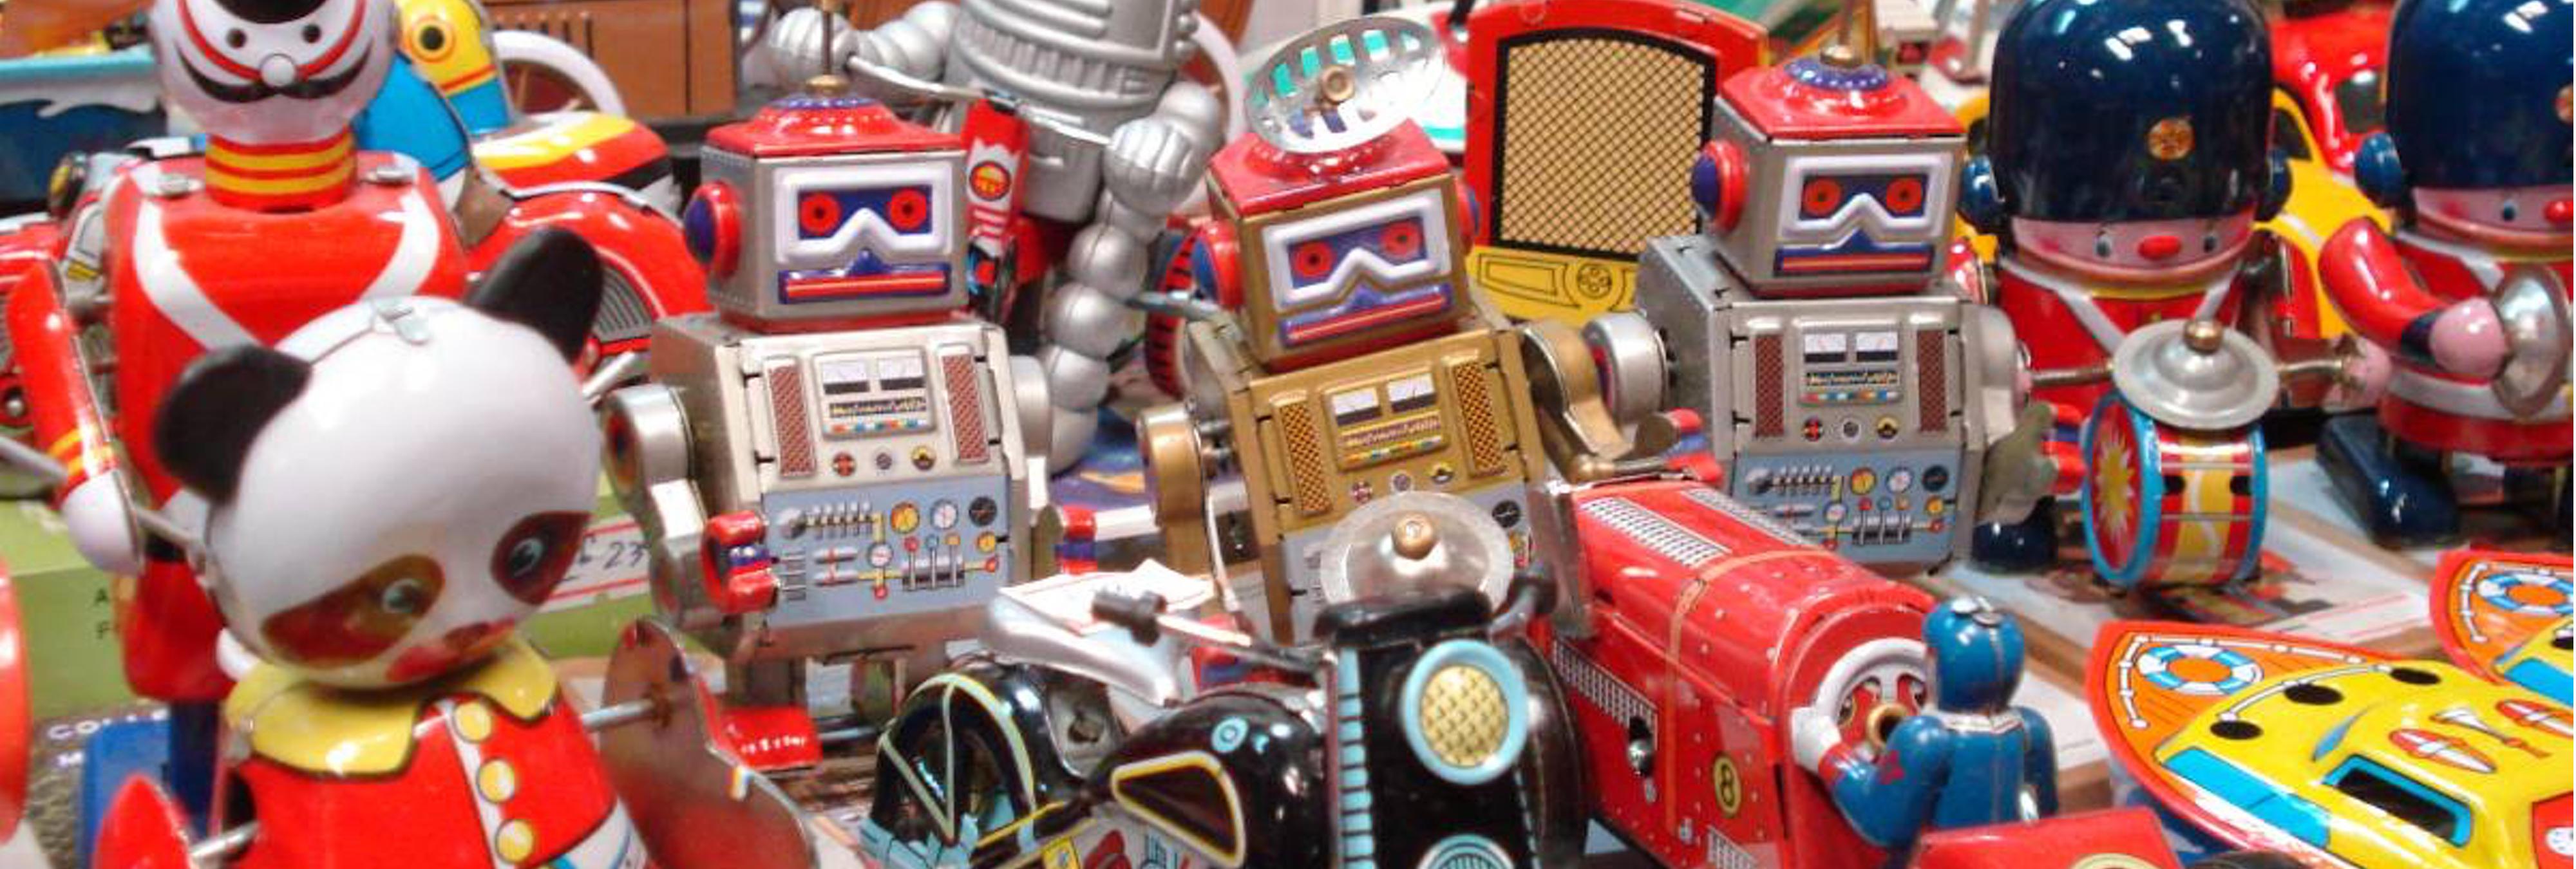 Machismo y roles de género en los catálogos de juguetes para Navidad